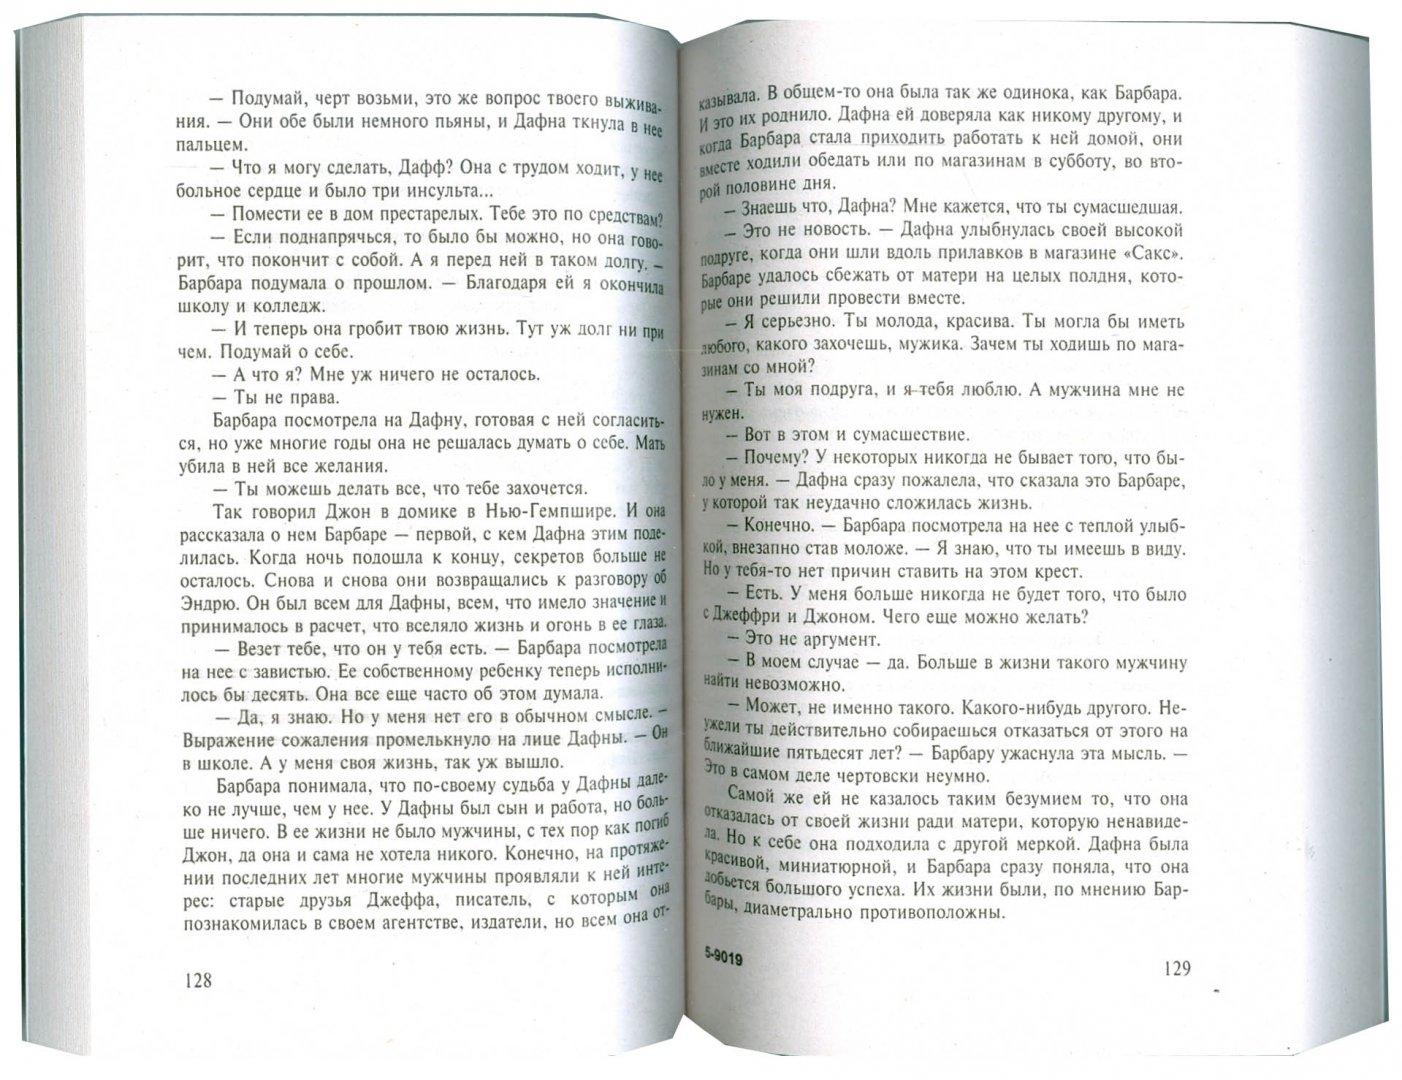 Иллюстрация 1 из 2 для Только раз в жизни - Даниэла Стил | Лабиринт - книги. Источник: Лабиринт